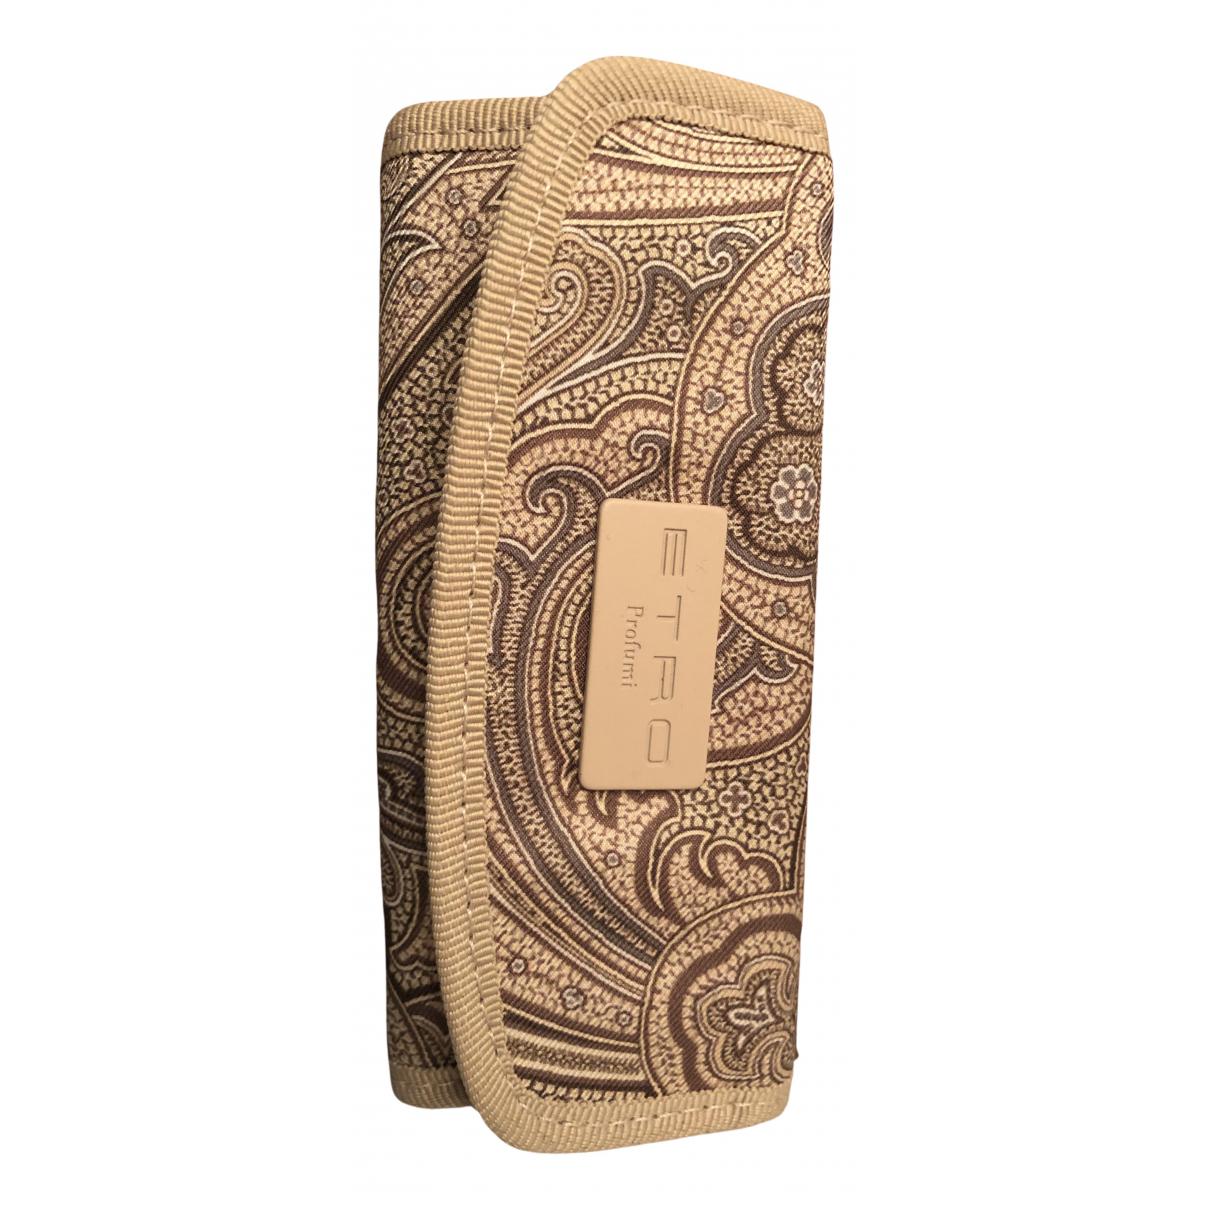 Etro N Beige Silk Purses, wallet & cases for Women N